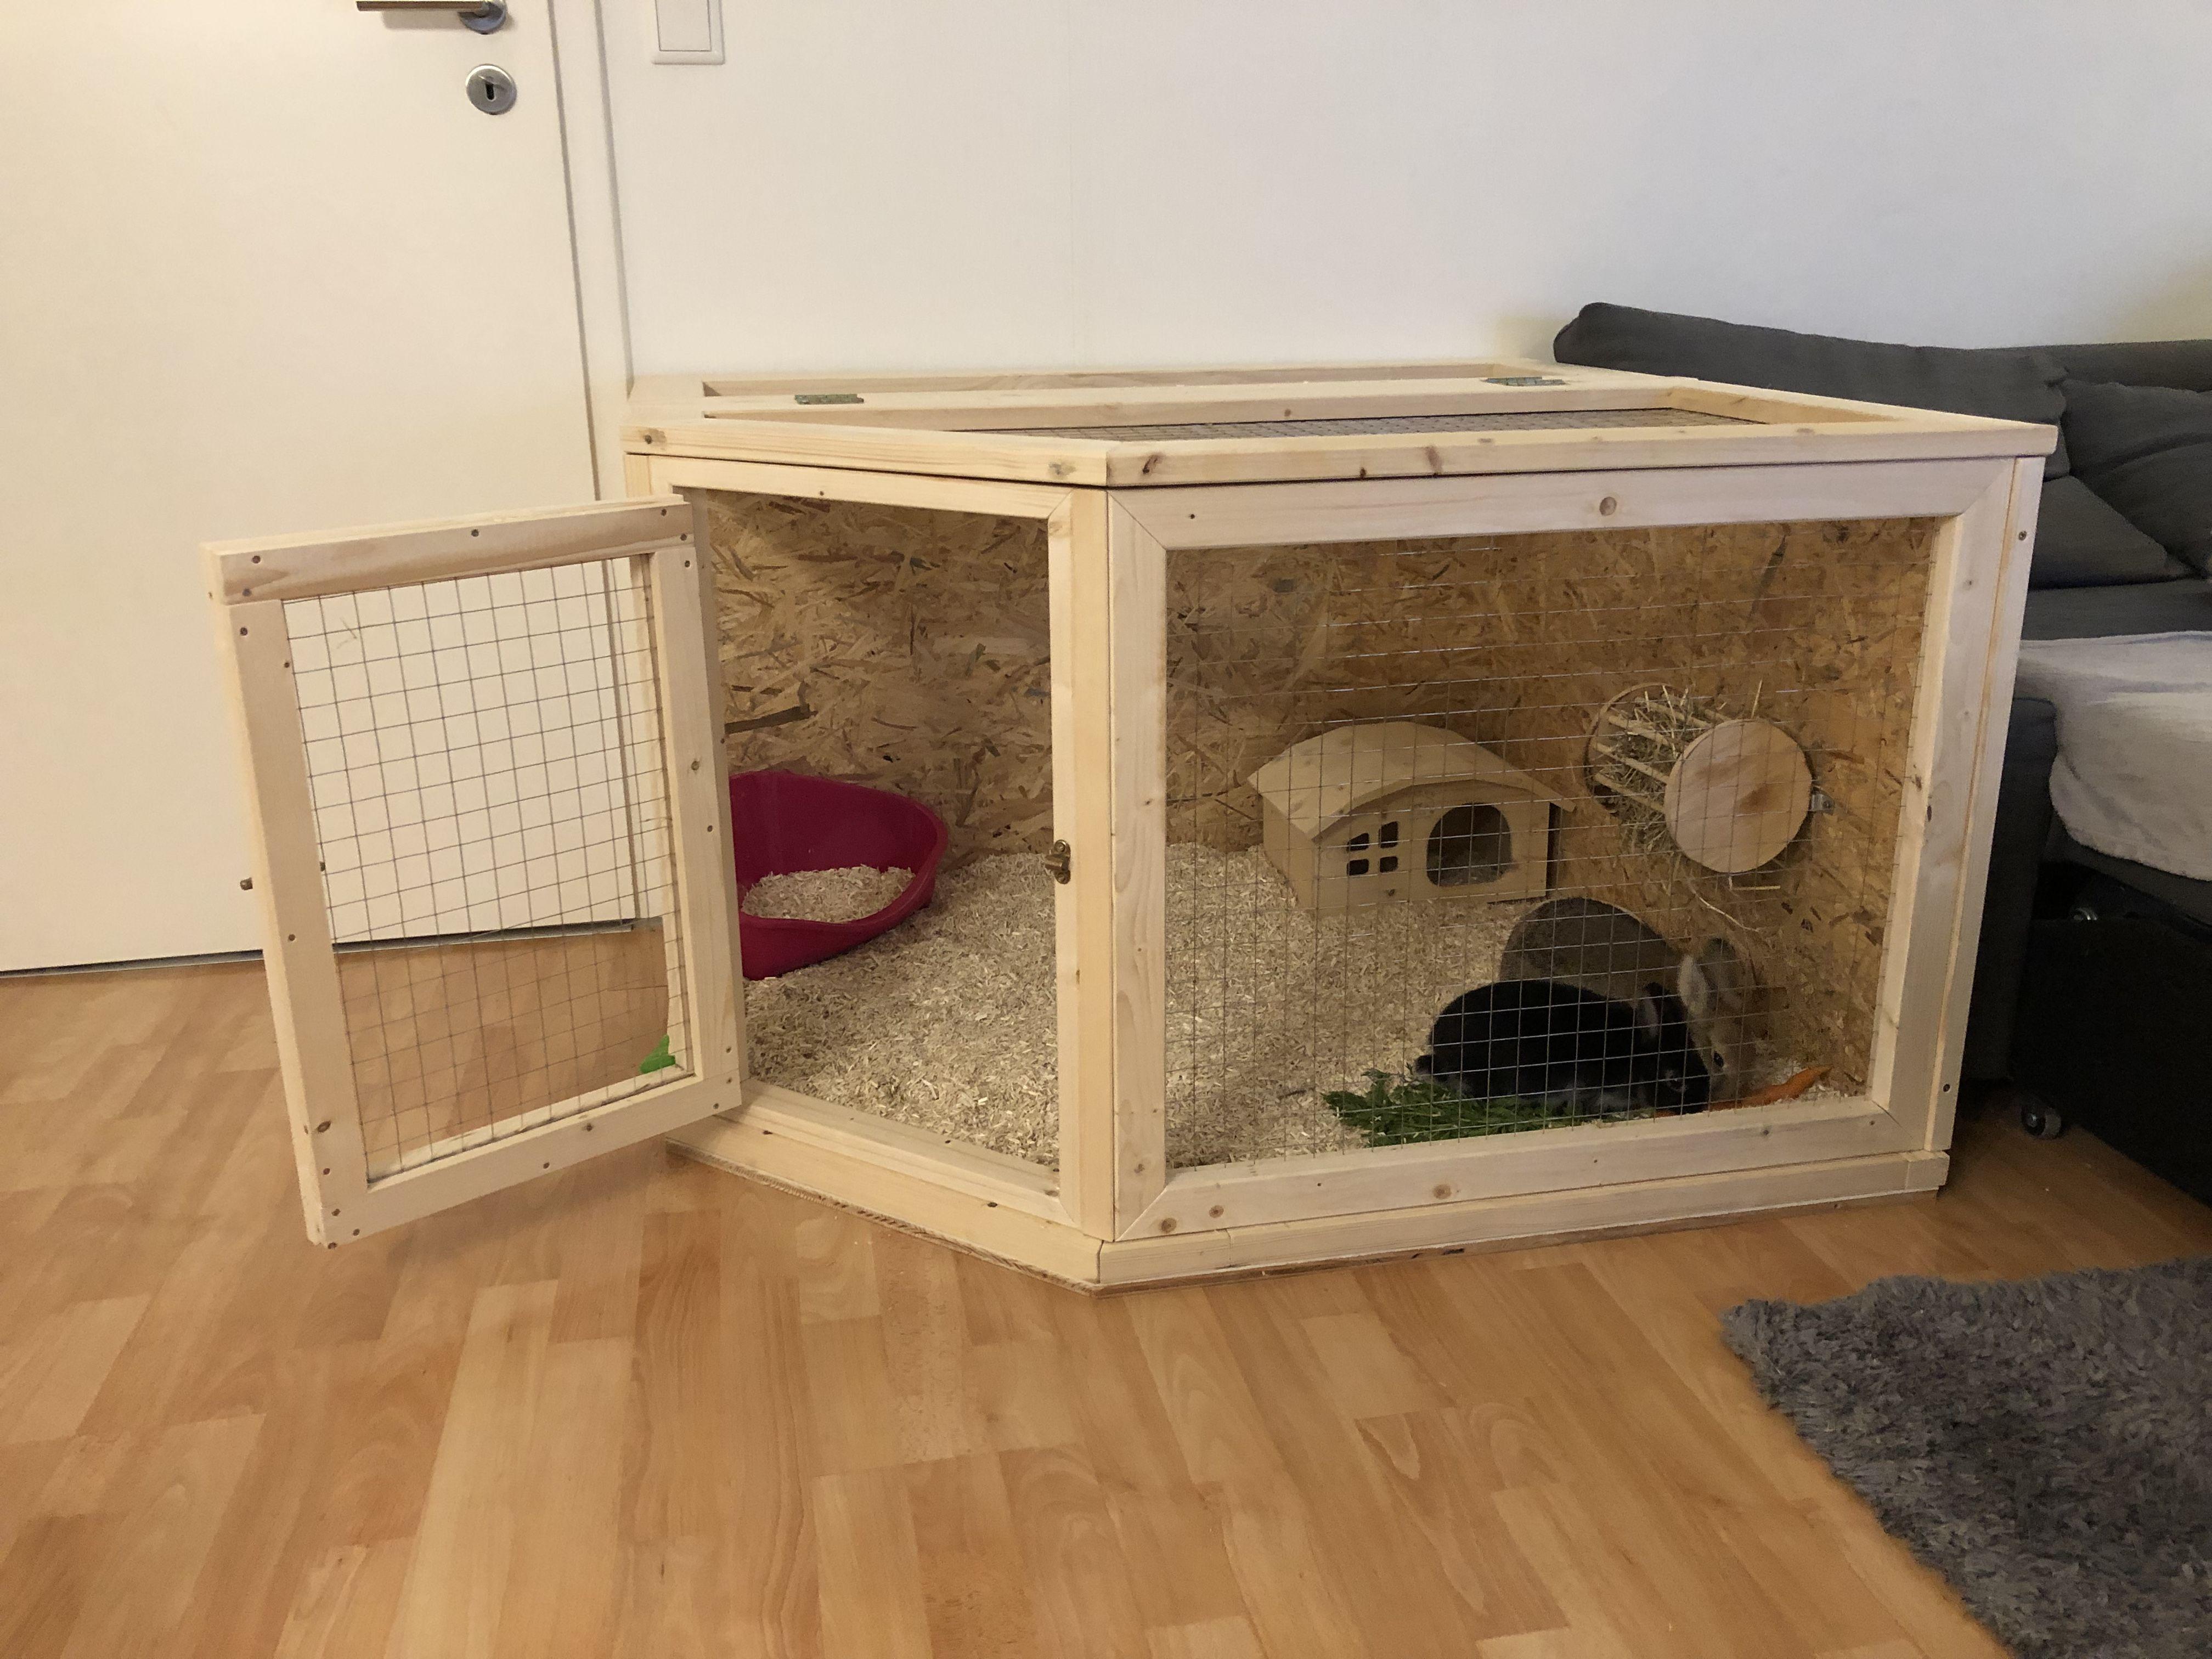 Gehege Krumel Hasenkafig Selber Bauen Kaninchenstall Selber Bauen Kaninchengehege Bauen